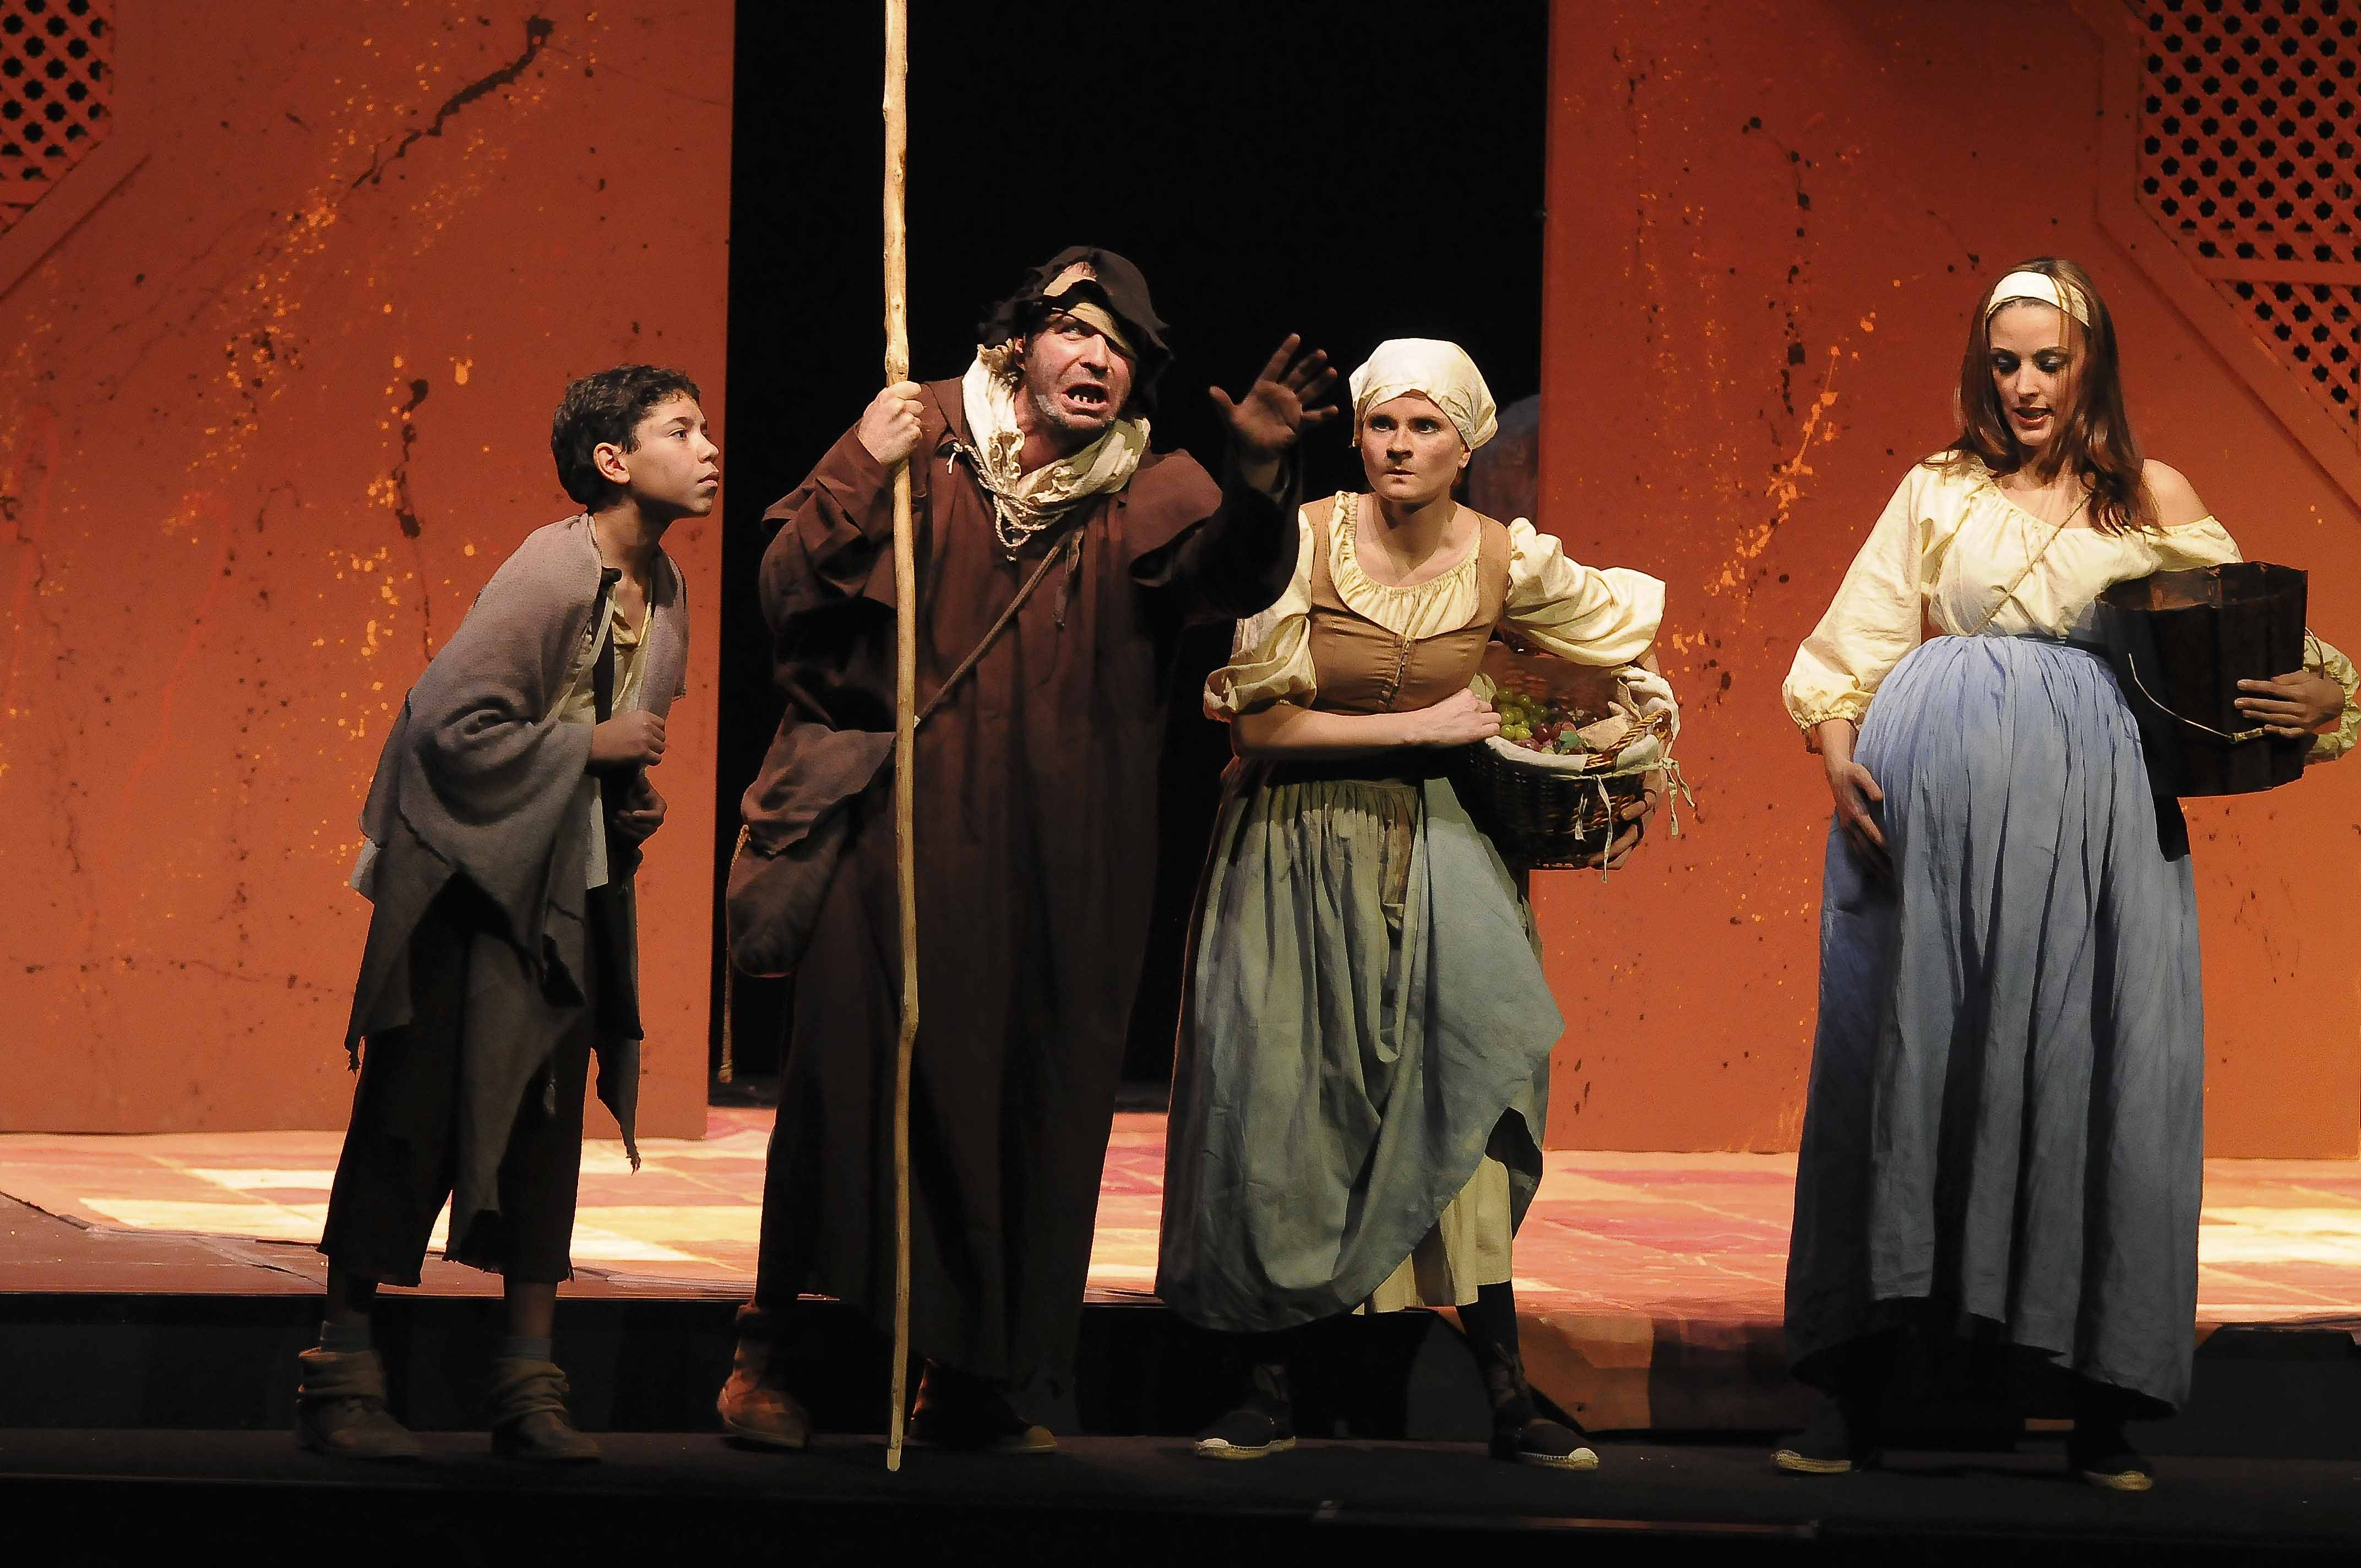 Fotografía Actuación Teatral Lazarillo de Tormes Madrid © Jorge Zorrilla Fotógrafo Madrid